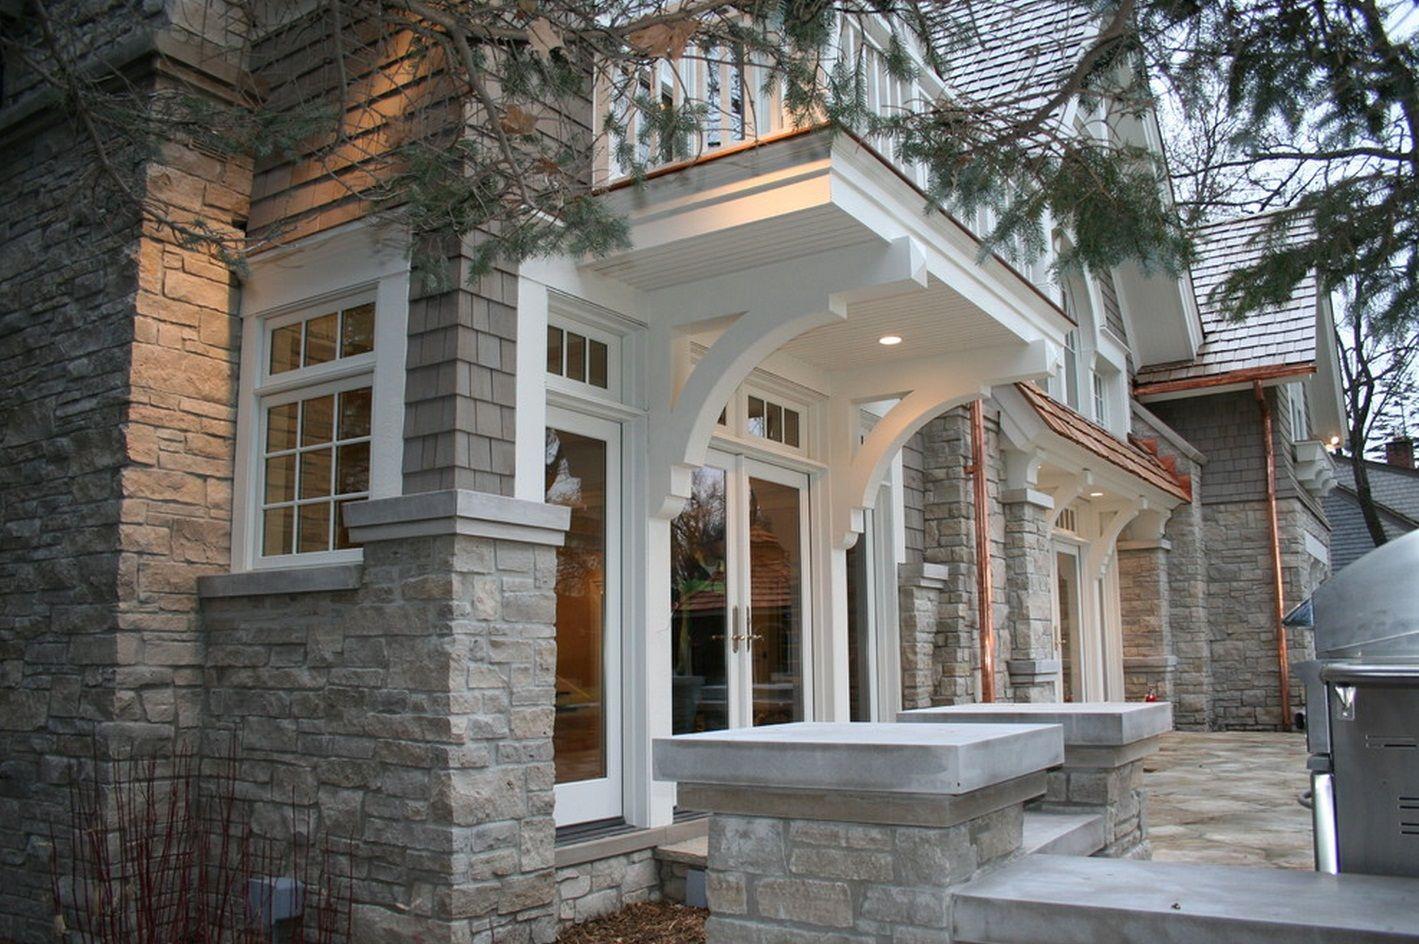 Verzauberkunst Amerikanisches Landhaus Ideen Von Restaurierung Eines Amerikanischen Klassikers: Altes, Wurde Mit